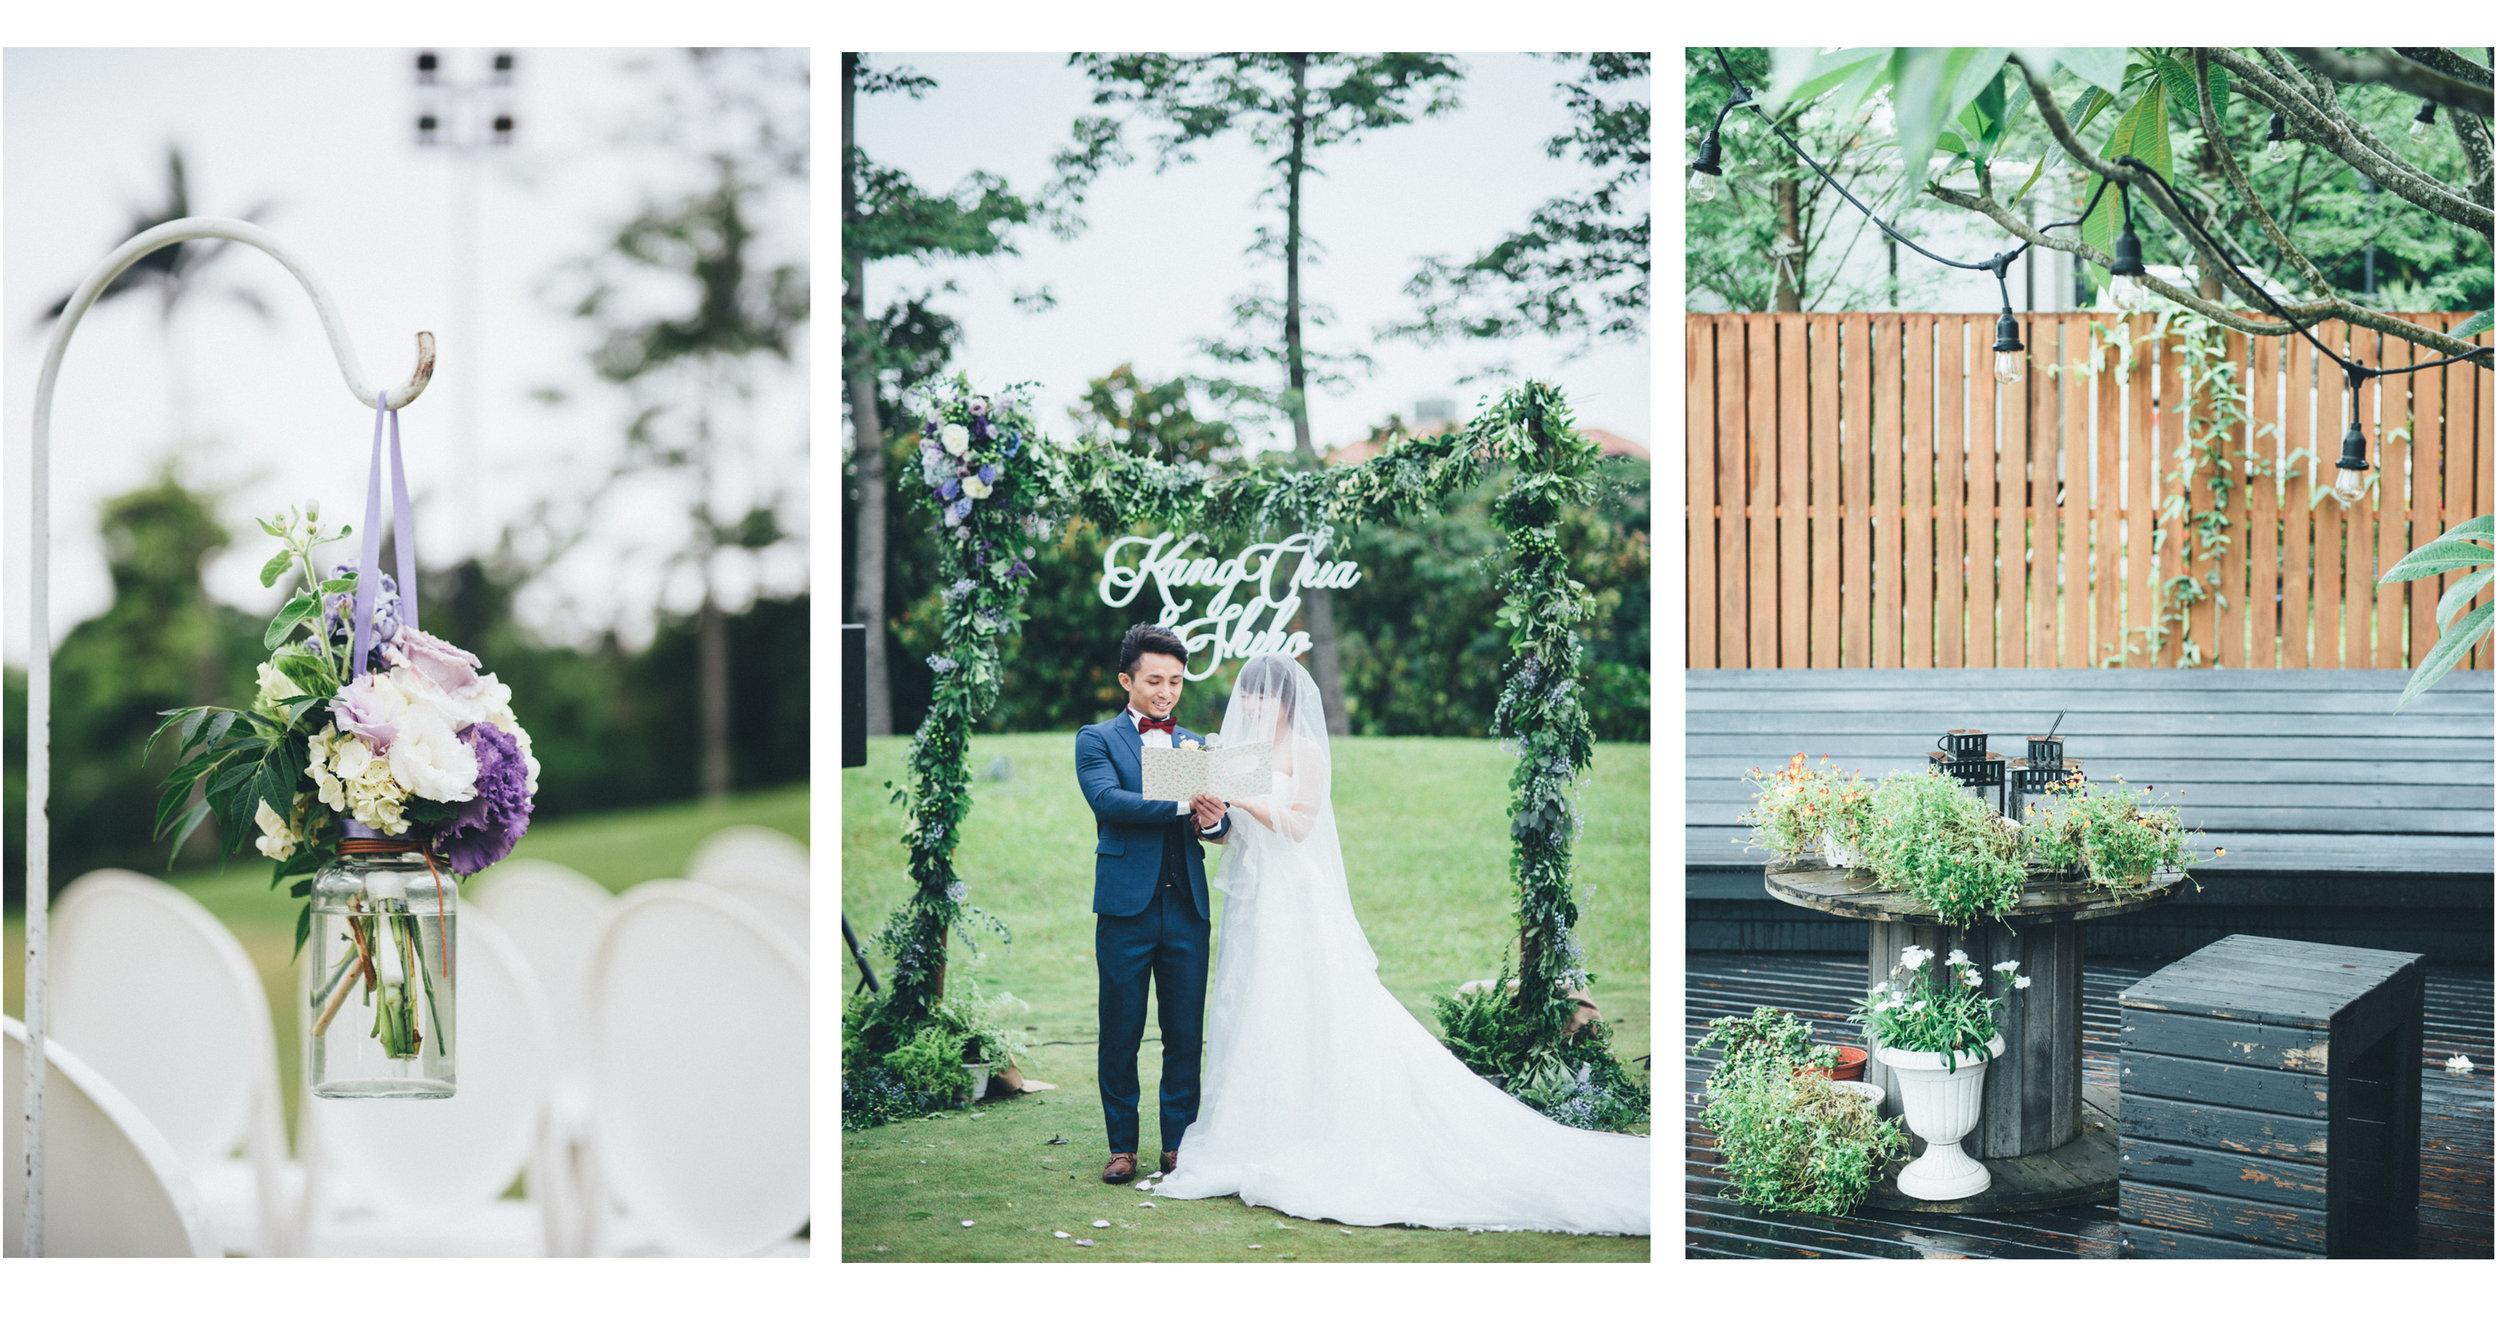 日式婚禮攝影.jpg